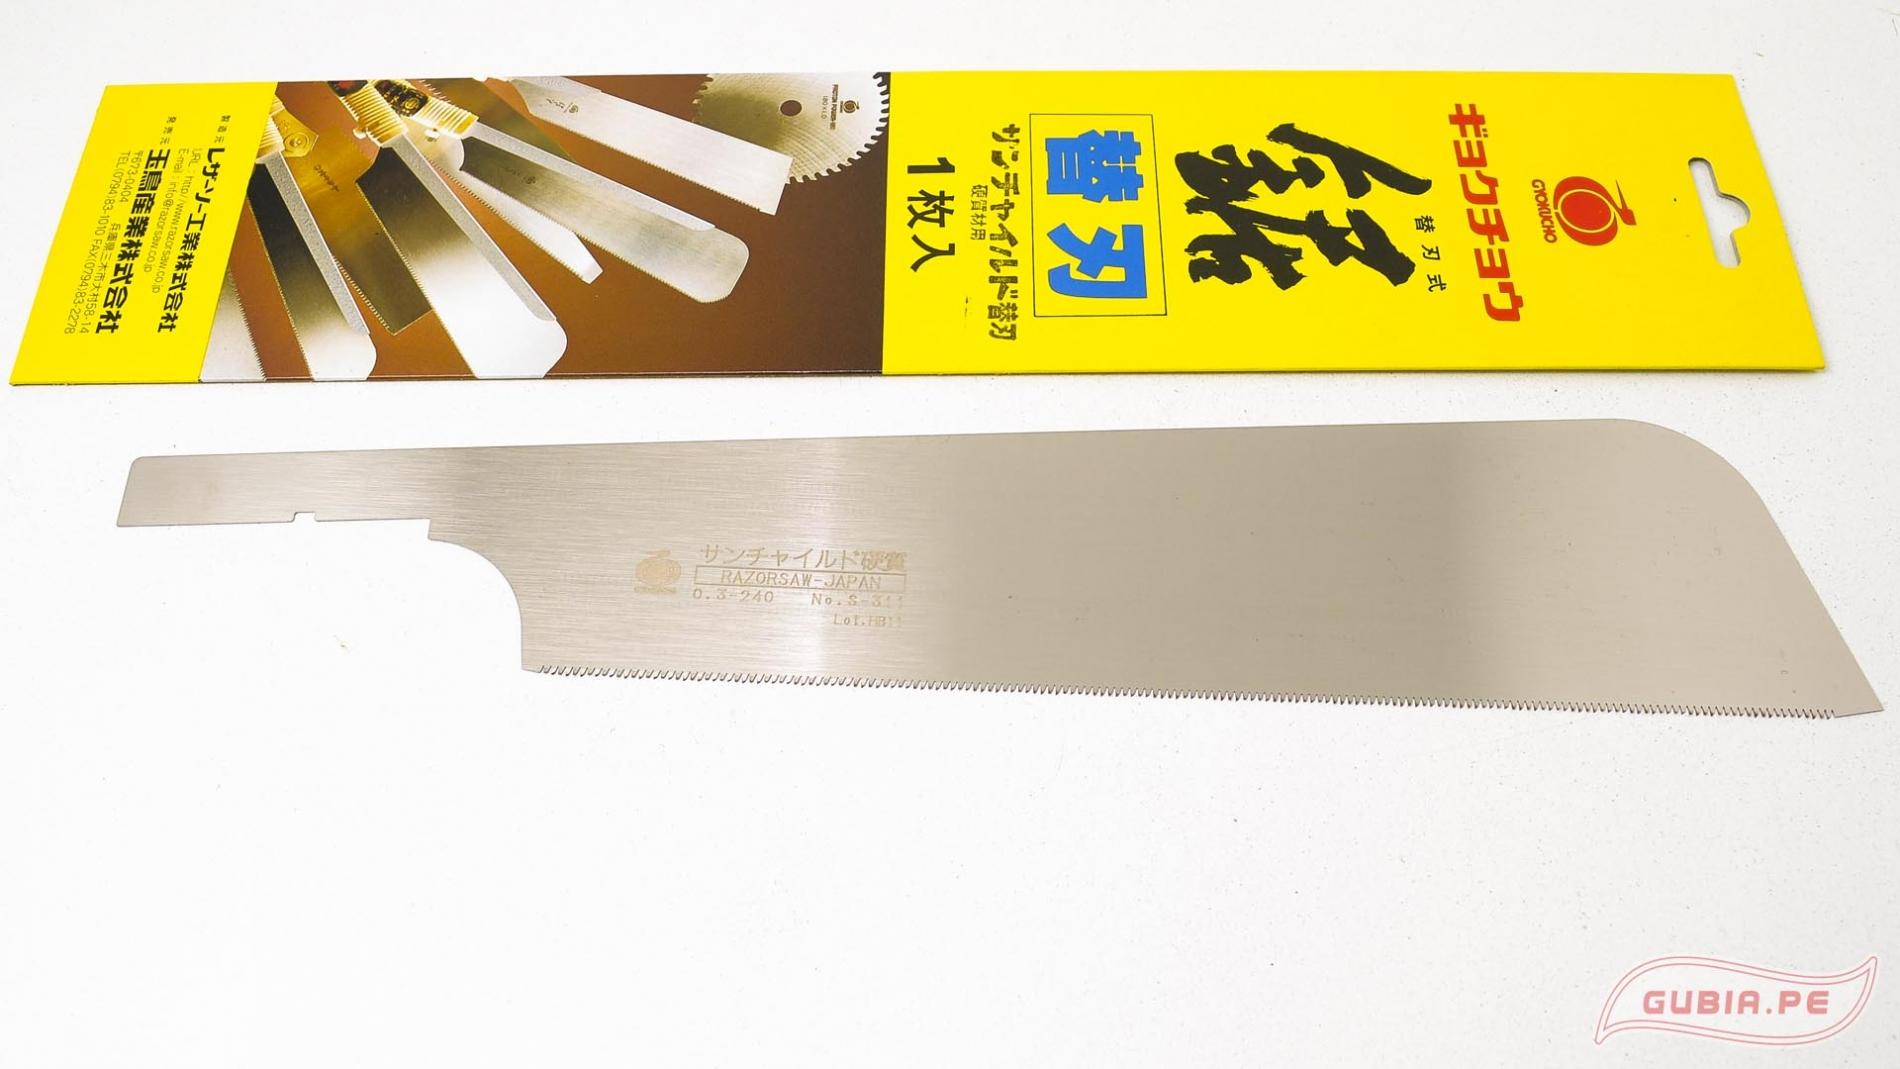 RsS311-Hoja de repuesto usuba al hilo 20TPI 24cm Gyokucho RsS311-max-1.